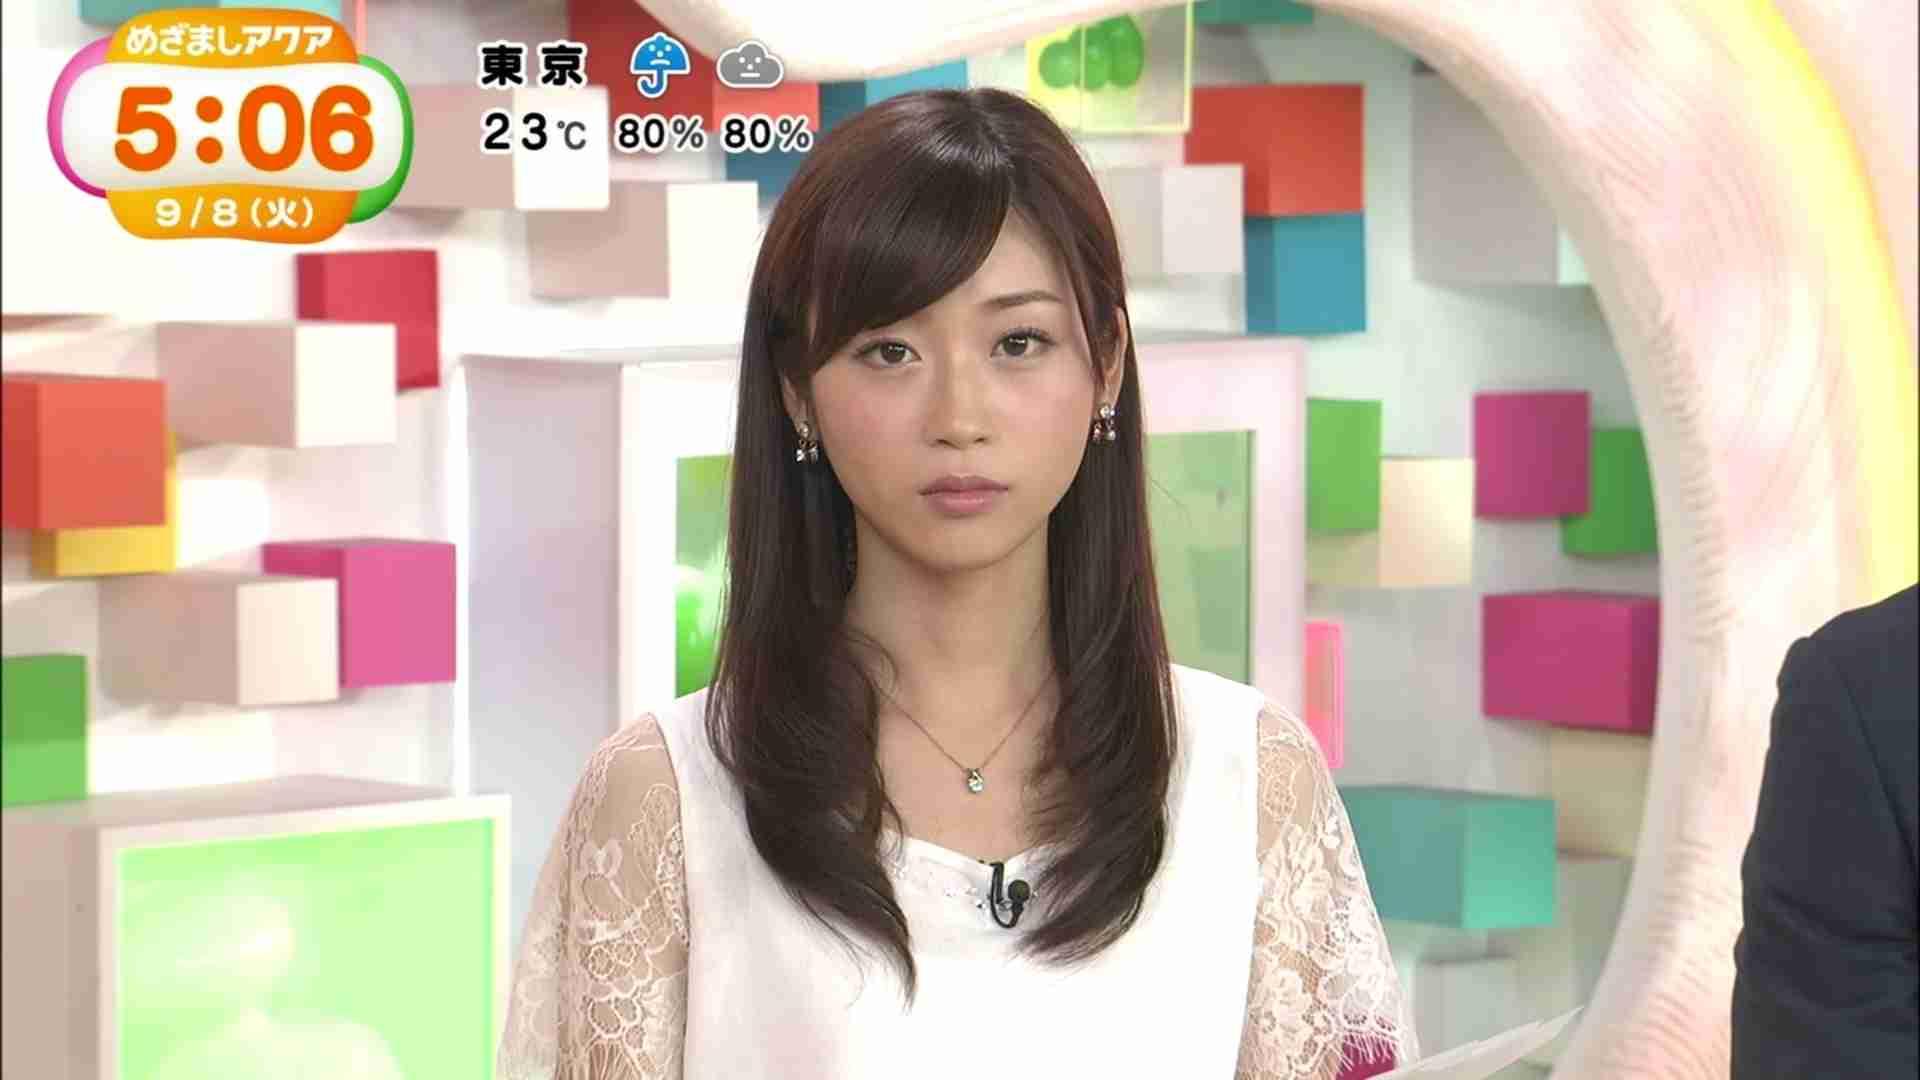 宮島咲良アナ(33歳)、戦隊モノ好き過ぎて好きな男性のタイプは「ホモ・サピエンス感がない感じ」